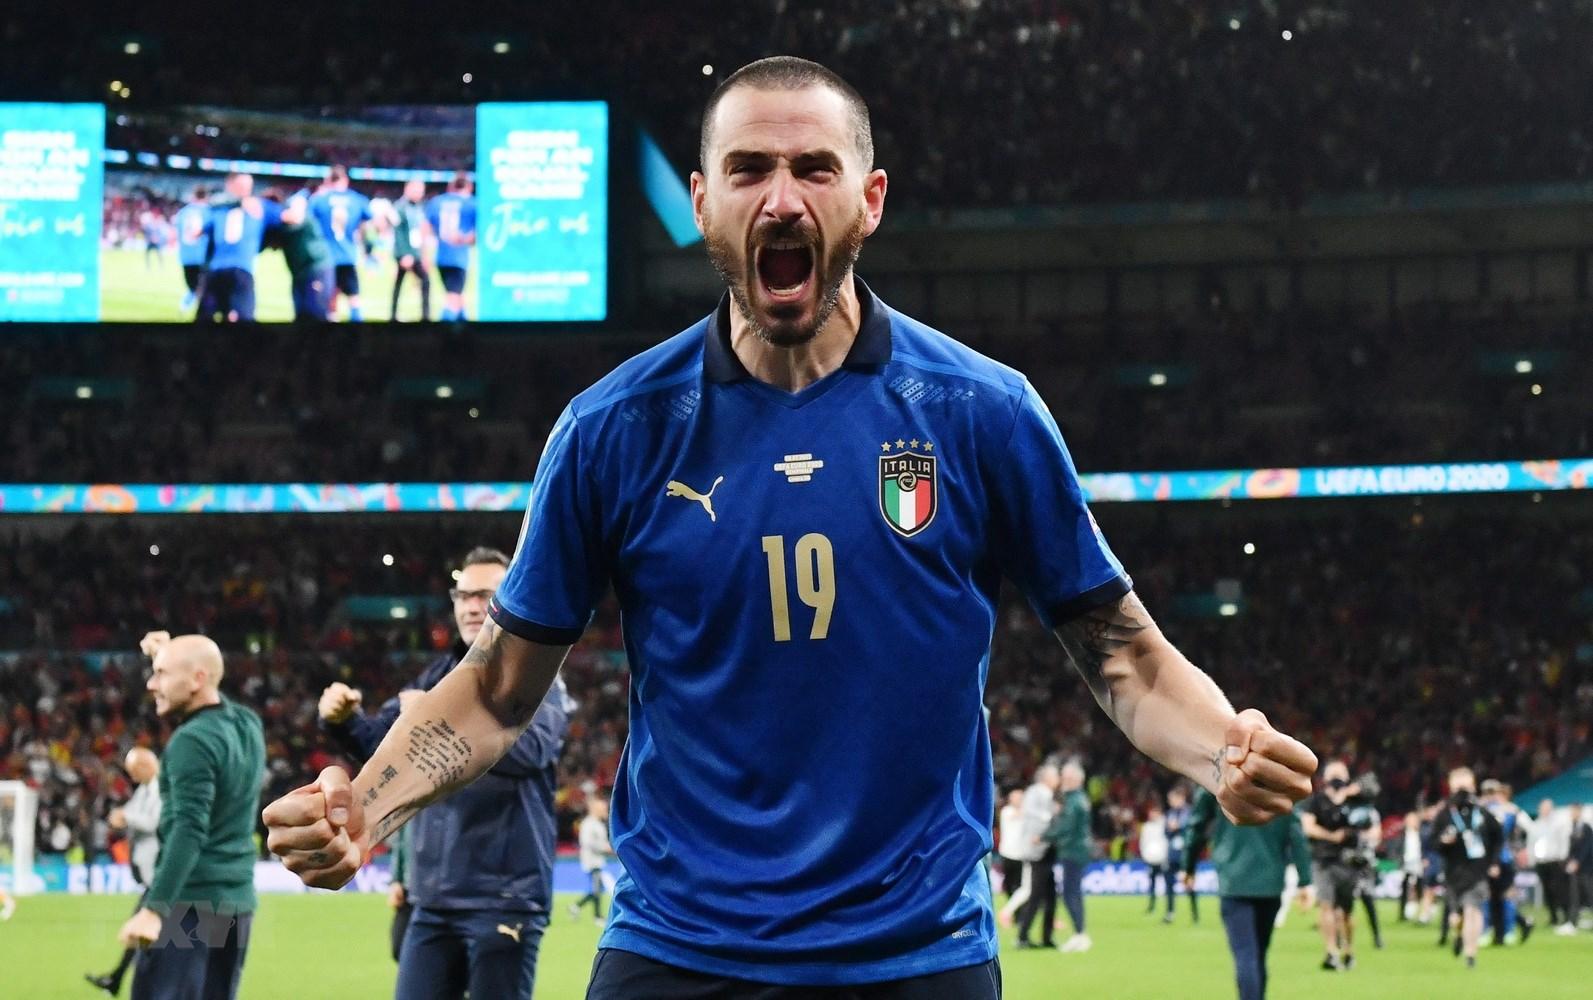 Bonucci đã có bàn thắng gỡ hoà giúp Italia san bằng tỉ số với Anh tại chung kết Euro 2020